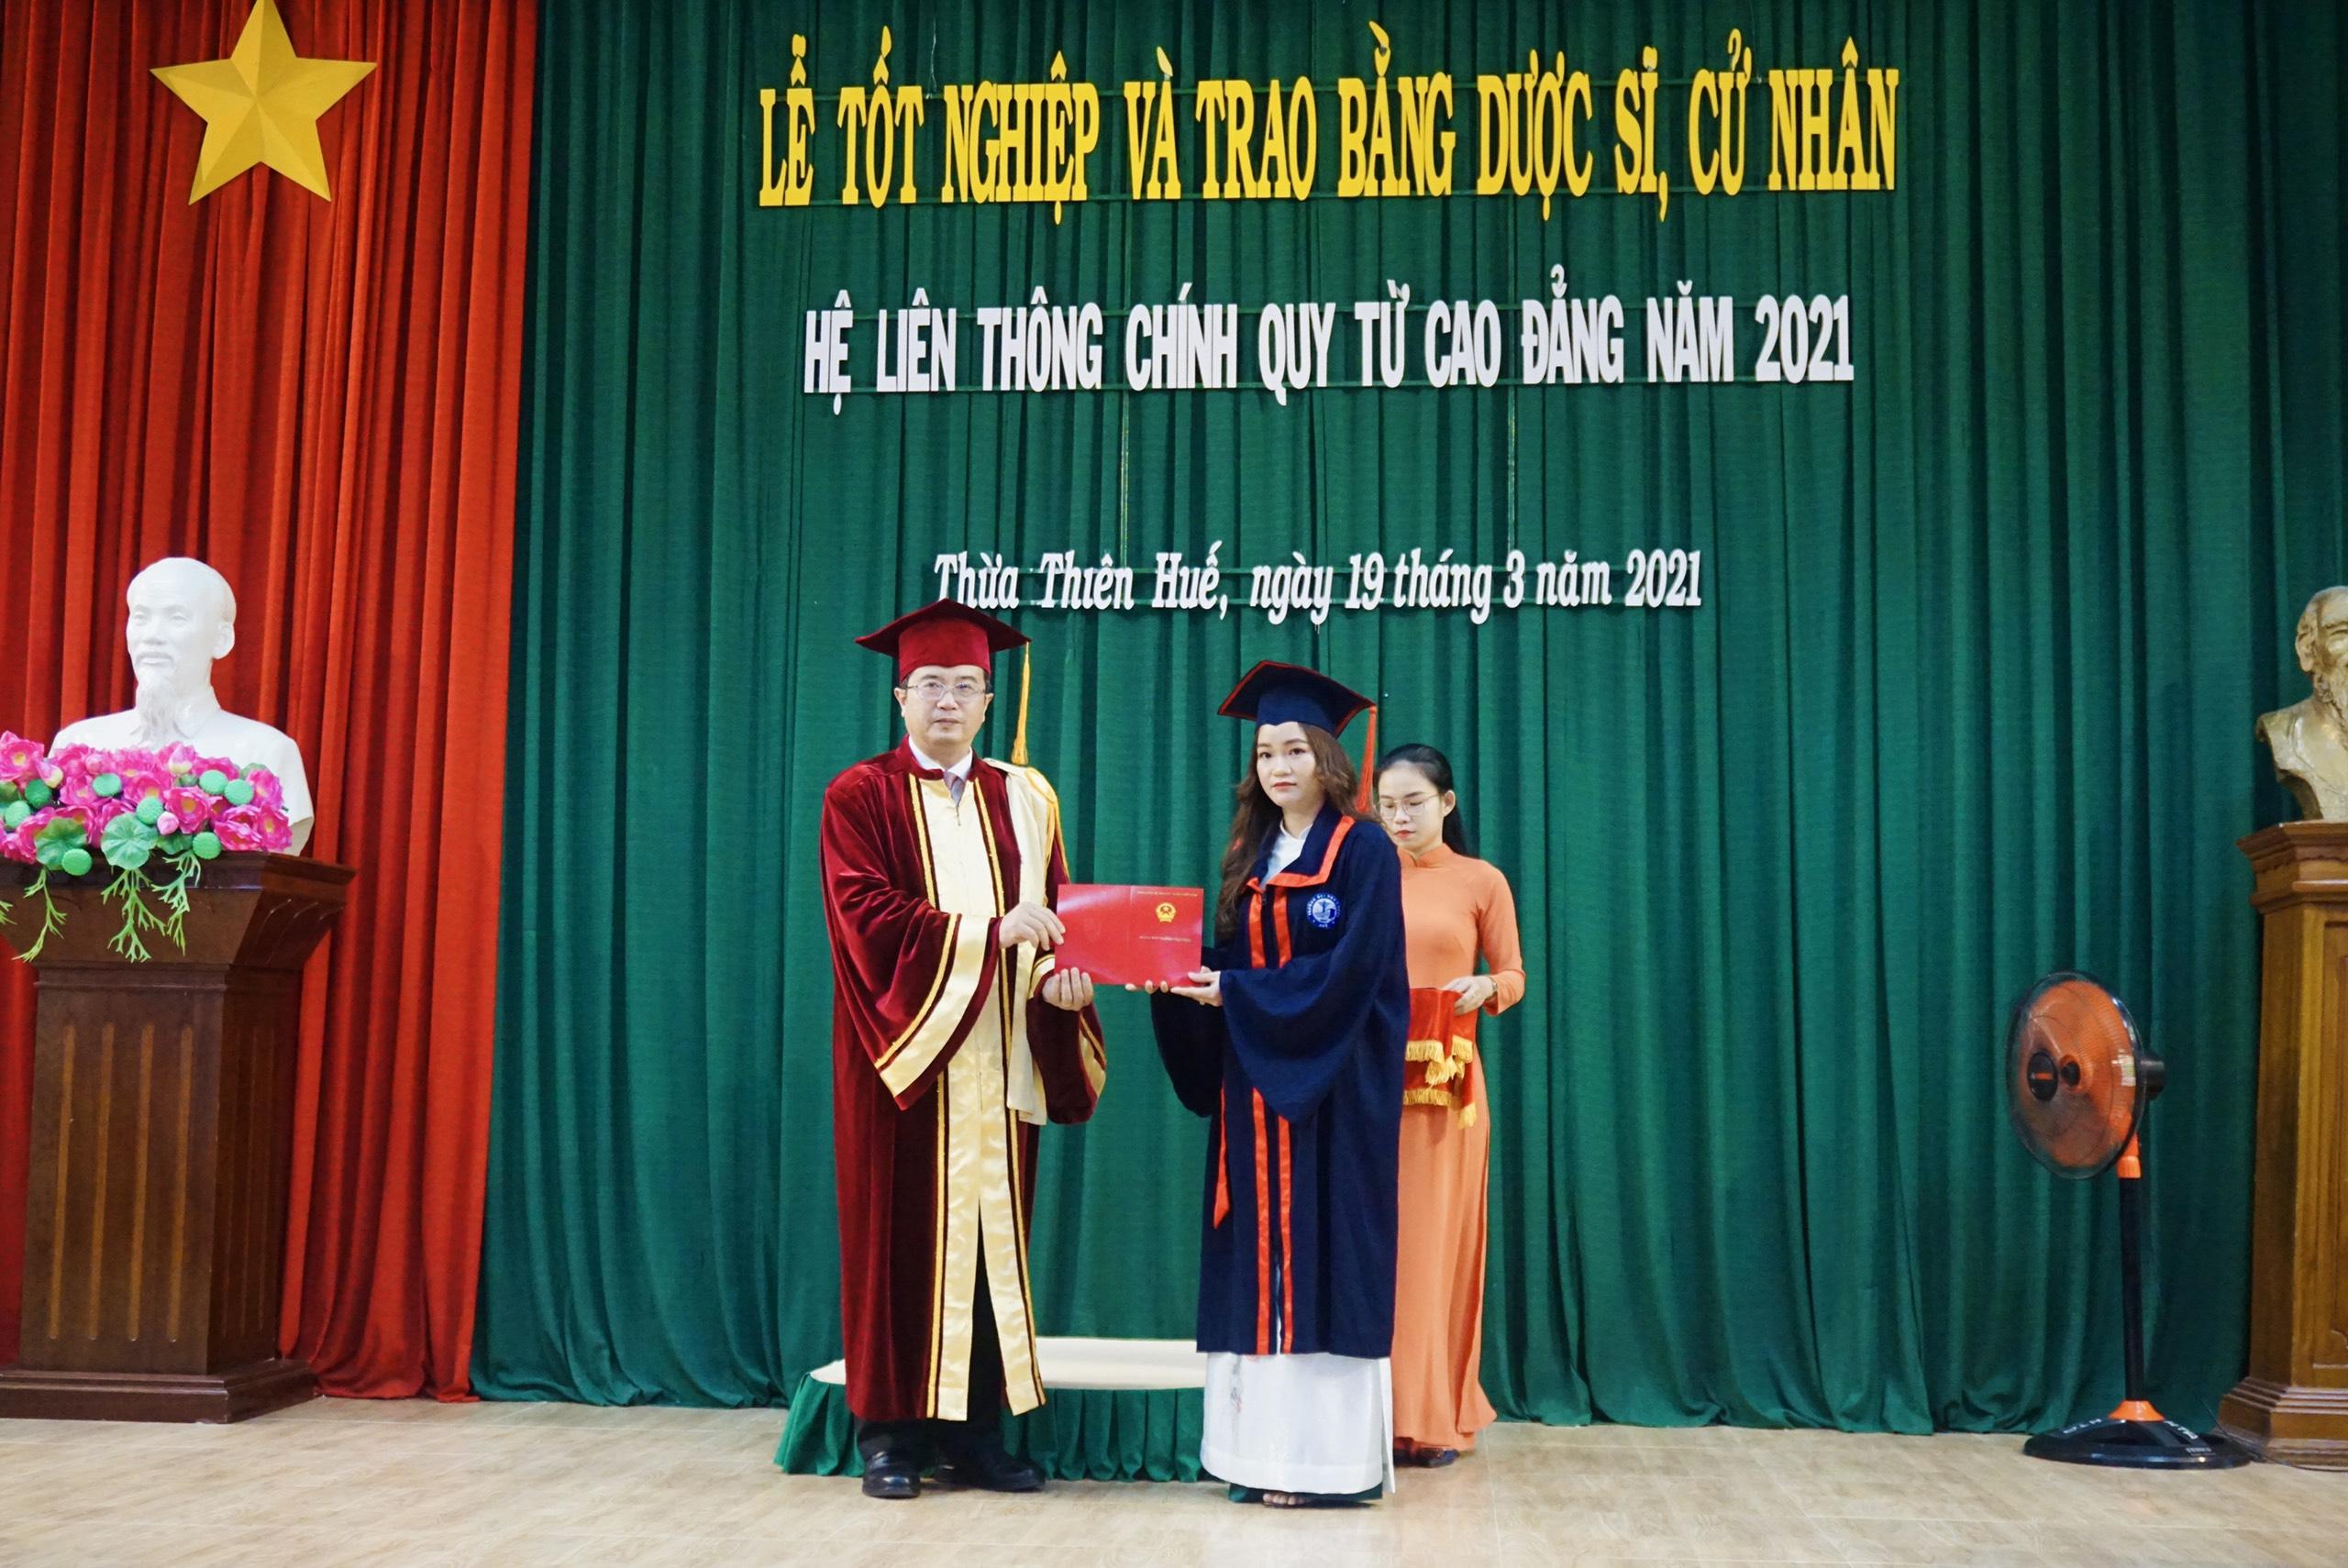 Lễ tốt nghiệp và trao bằng cho sinh viên hệ liên thông chính quy từ cao đẳng tốt nghiệp năm học 2020-2021